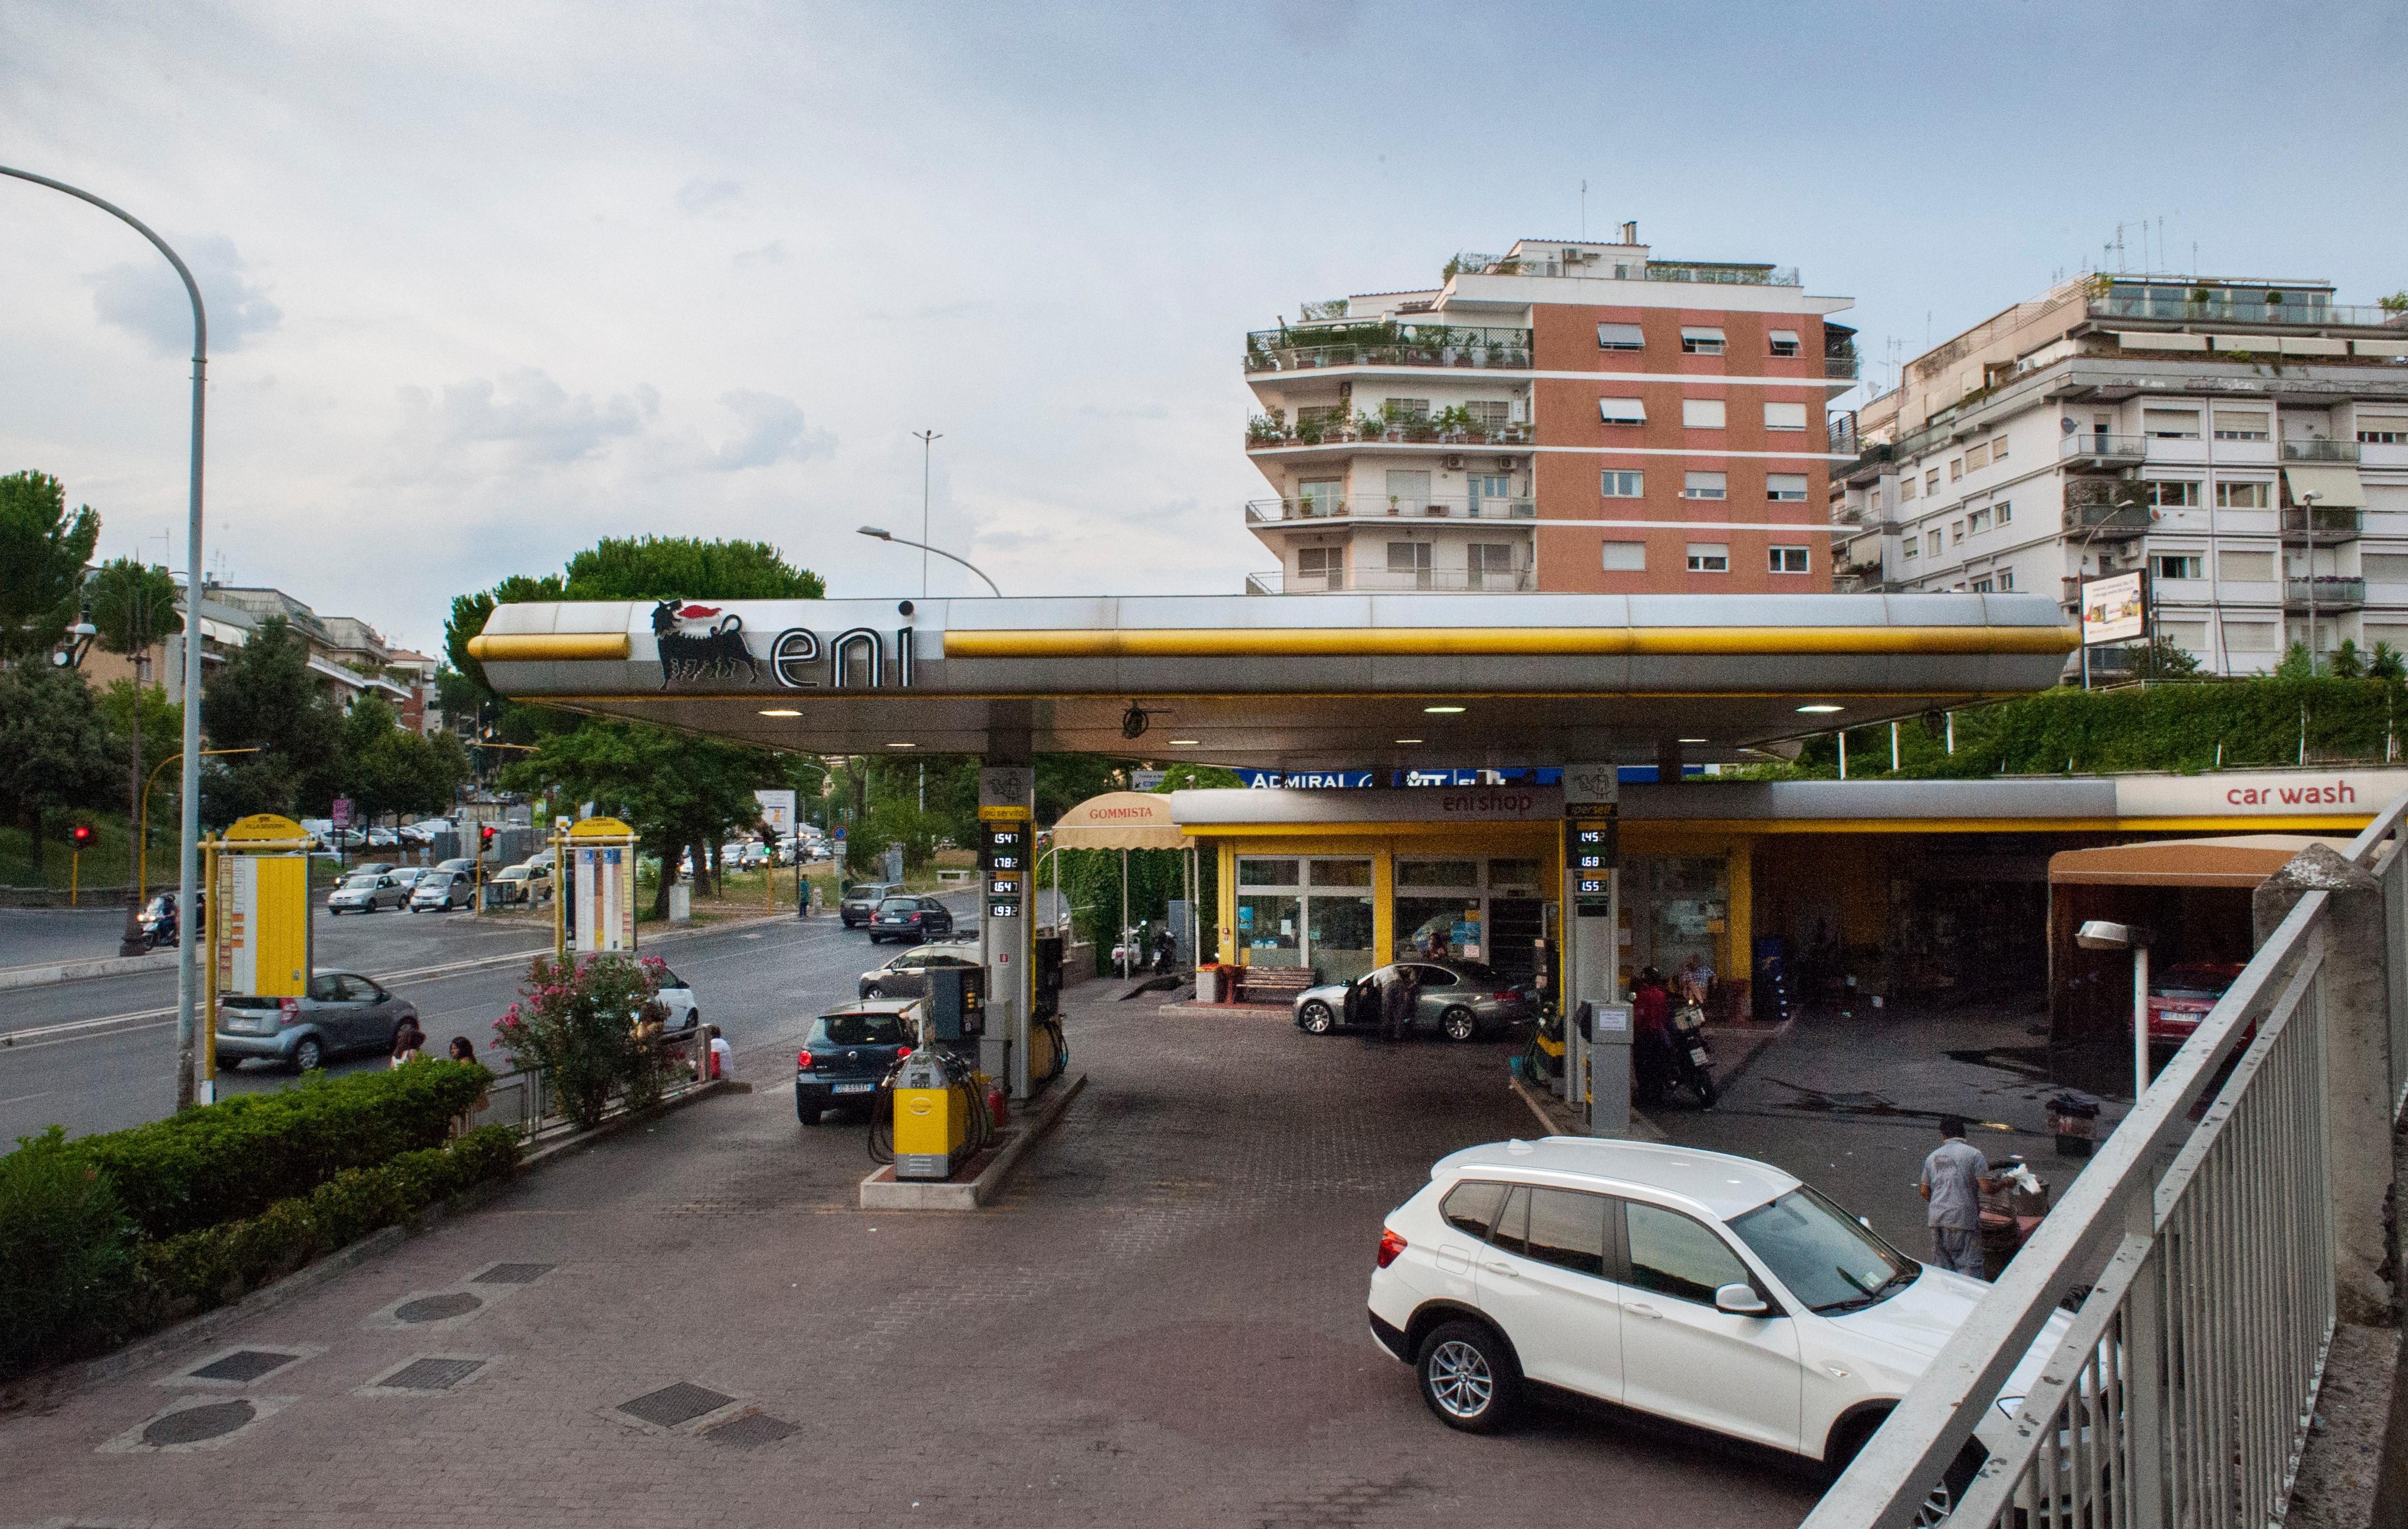 Eni-Tankstelle am Corso Francia: Mafia-Boss Massimo Carminati hielt auf der Sitzbank im Hintergrund seine Besprechungen ab. Foto: Max Intrisano